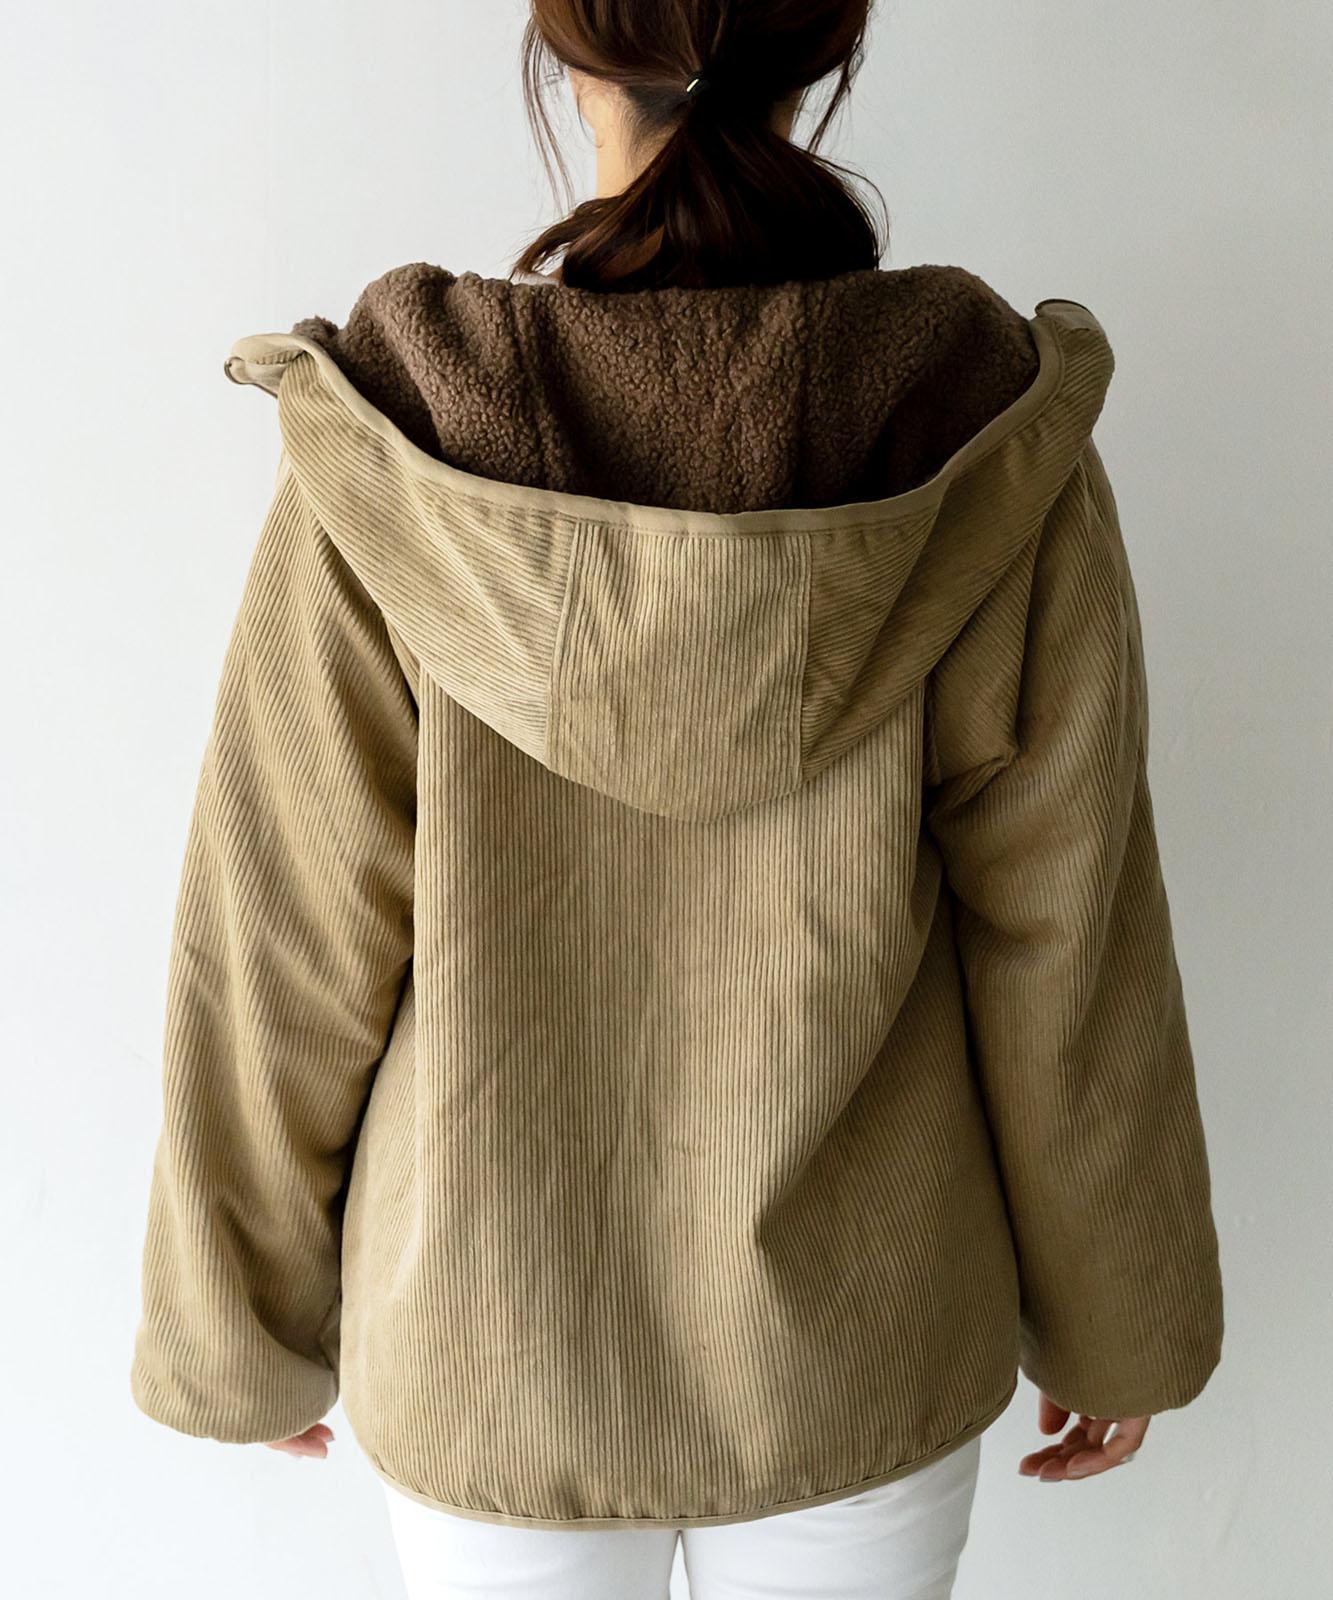 ボア×コーデュロイリバーシブルマウンテンジャケット